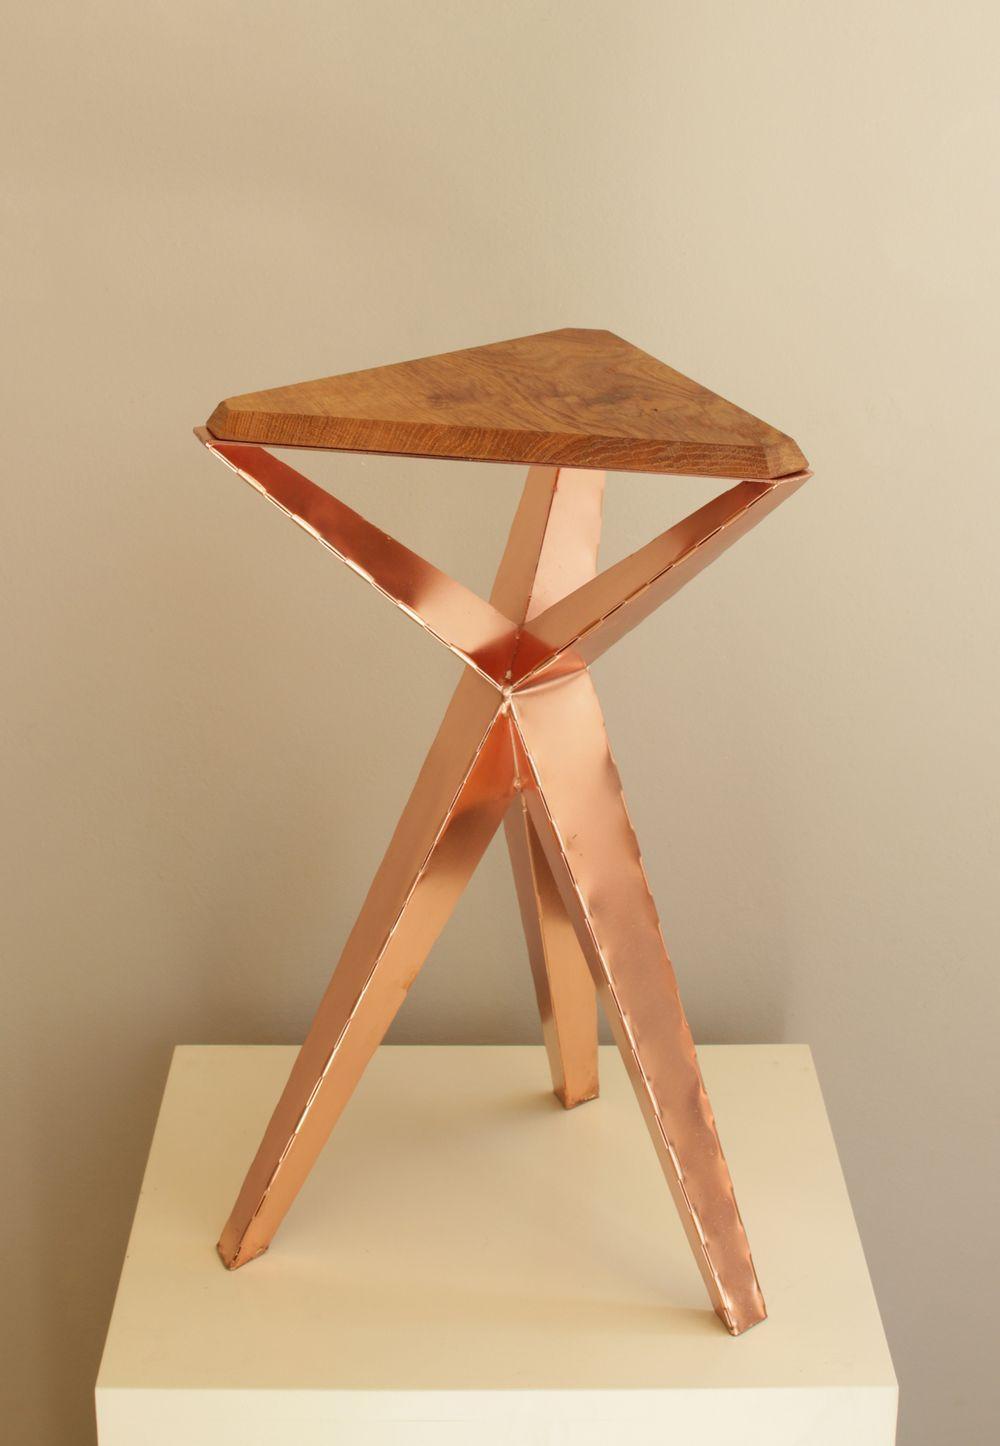 Rc 0 1 Tisch Hocker Table Stool Kupfer Cooper Folded Concept